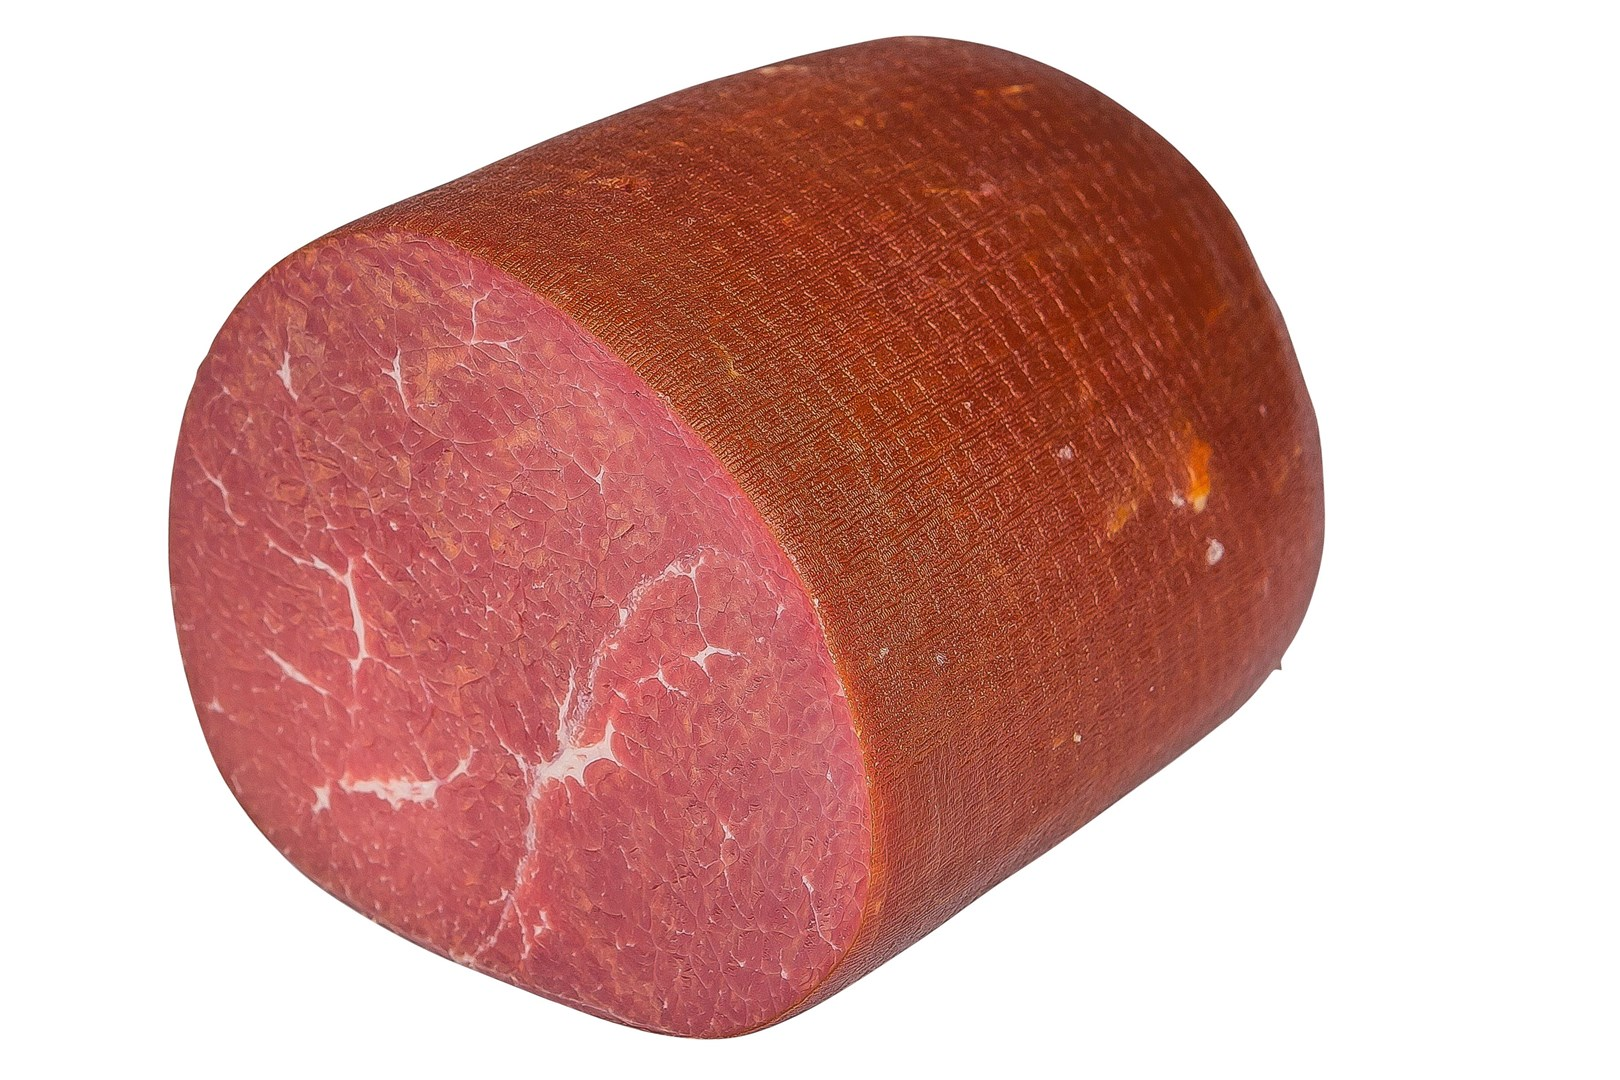 Productafbeelding Runderrookvlees aan het stuk